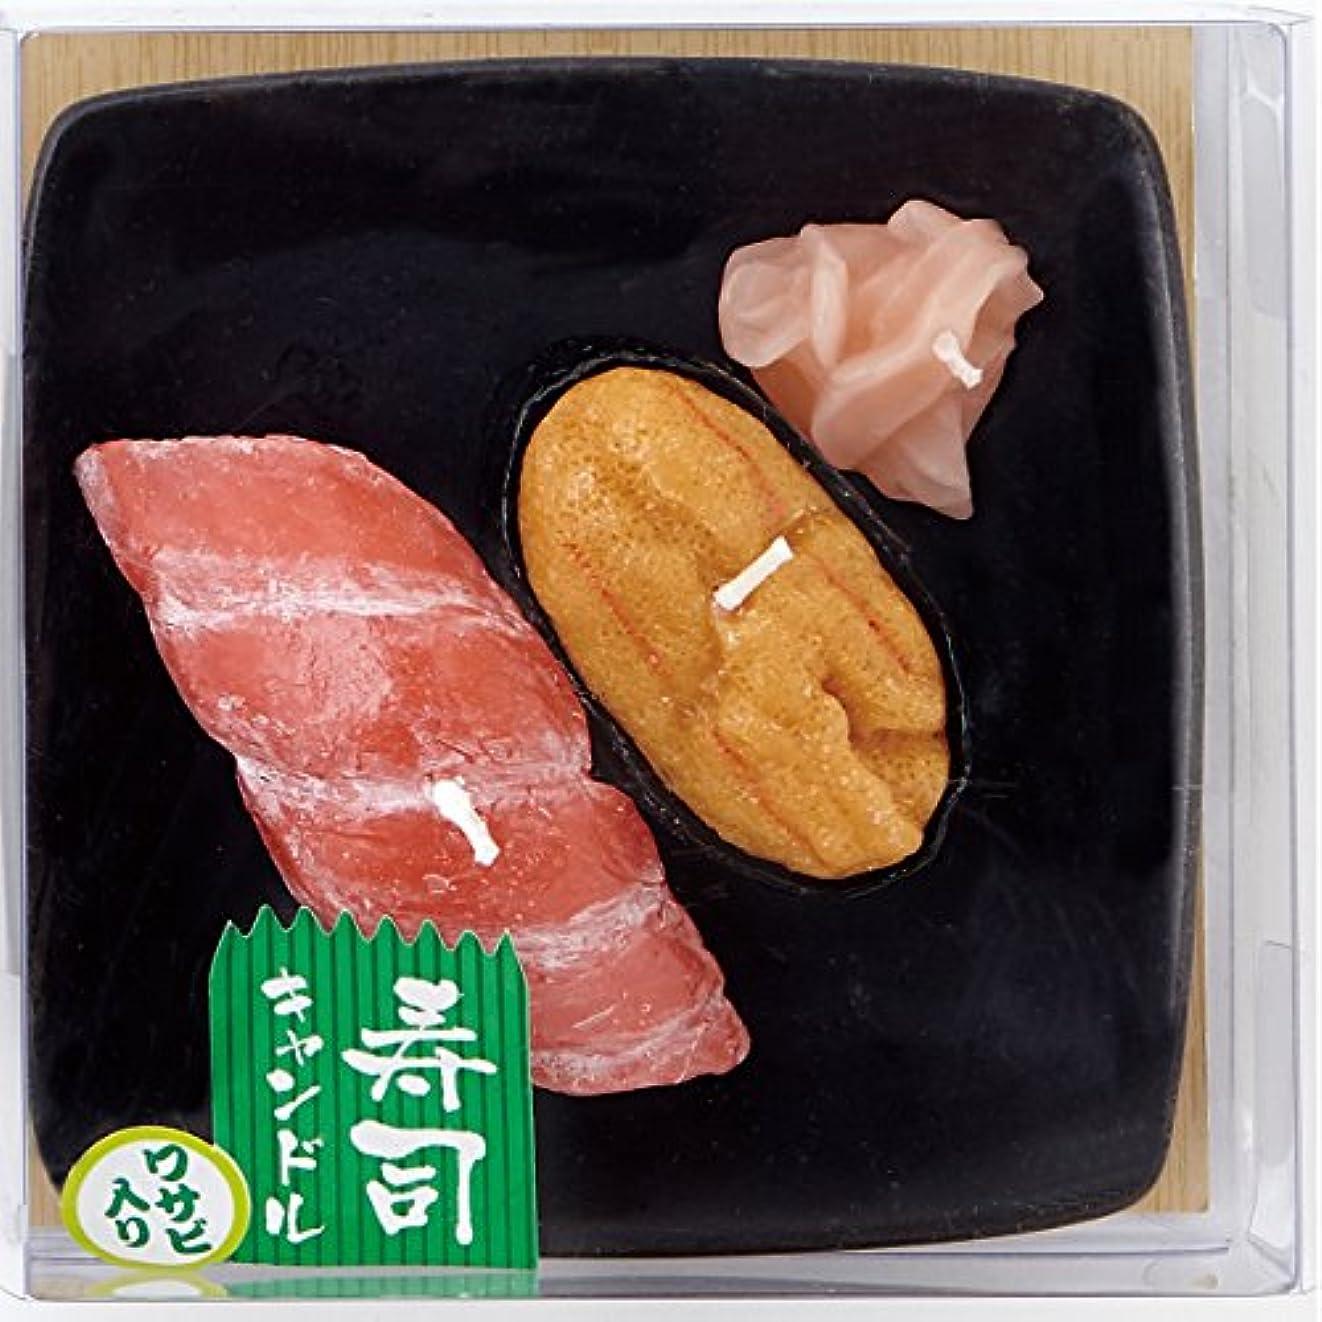 ナチュラル最小暖かく寿司キャンドル C(ウニ?大トロ) サビ入